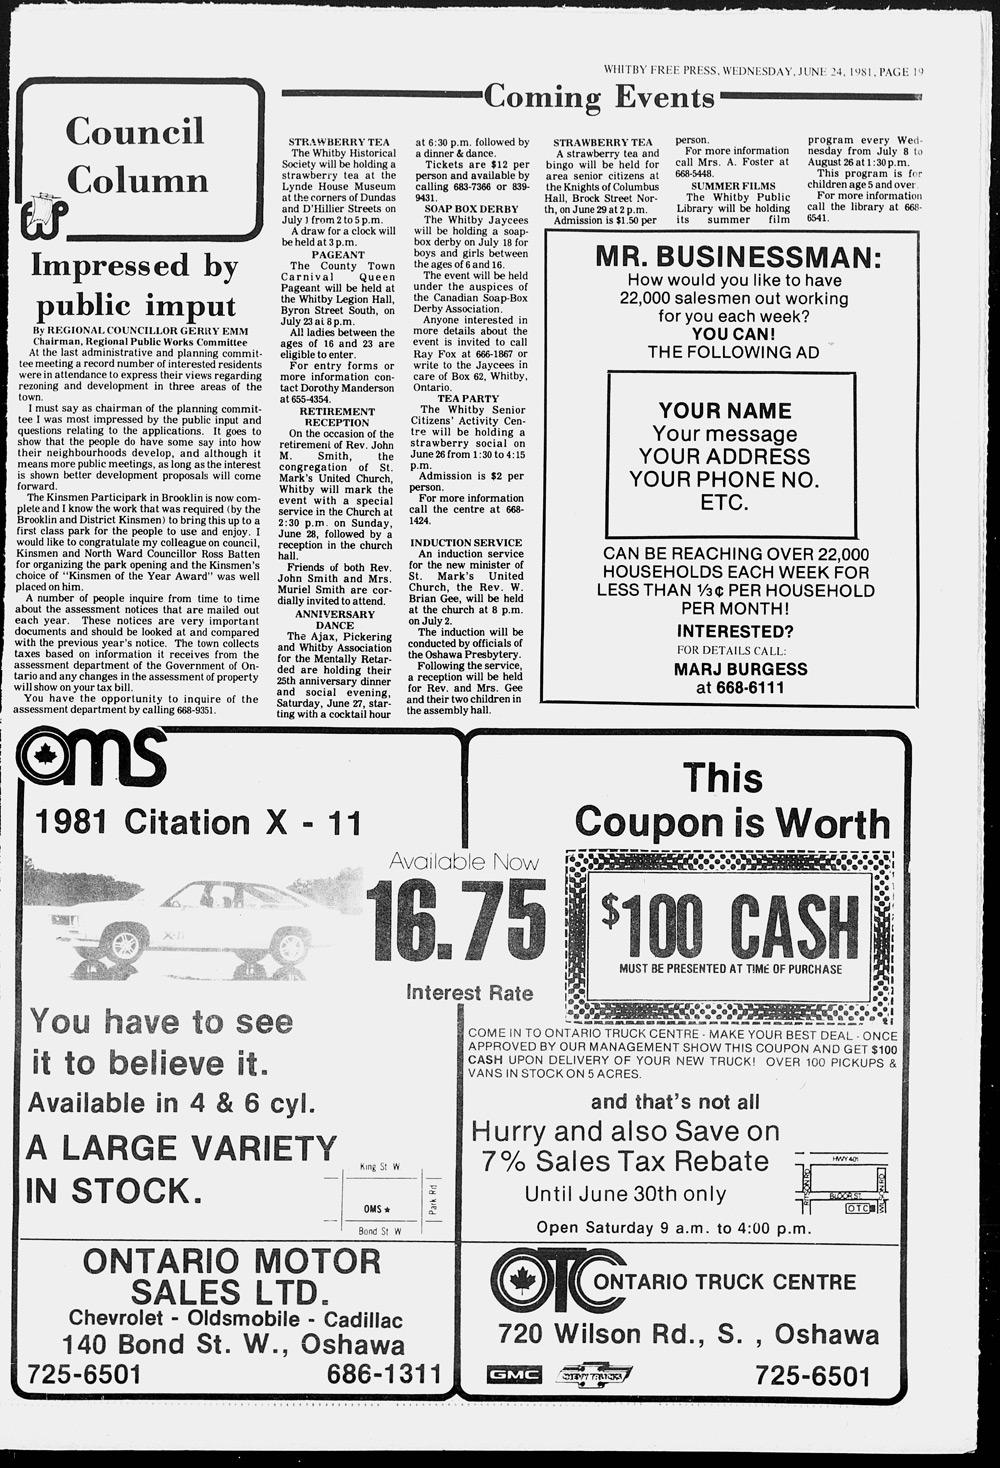 Whitby Free Press, 24 Jun 1981